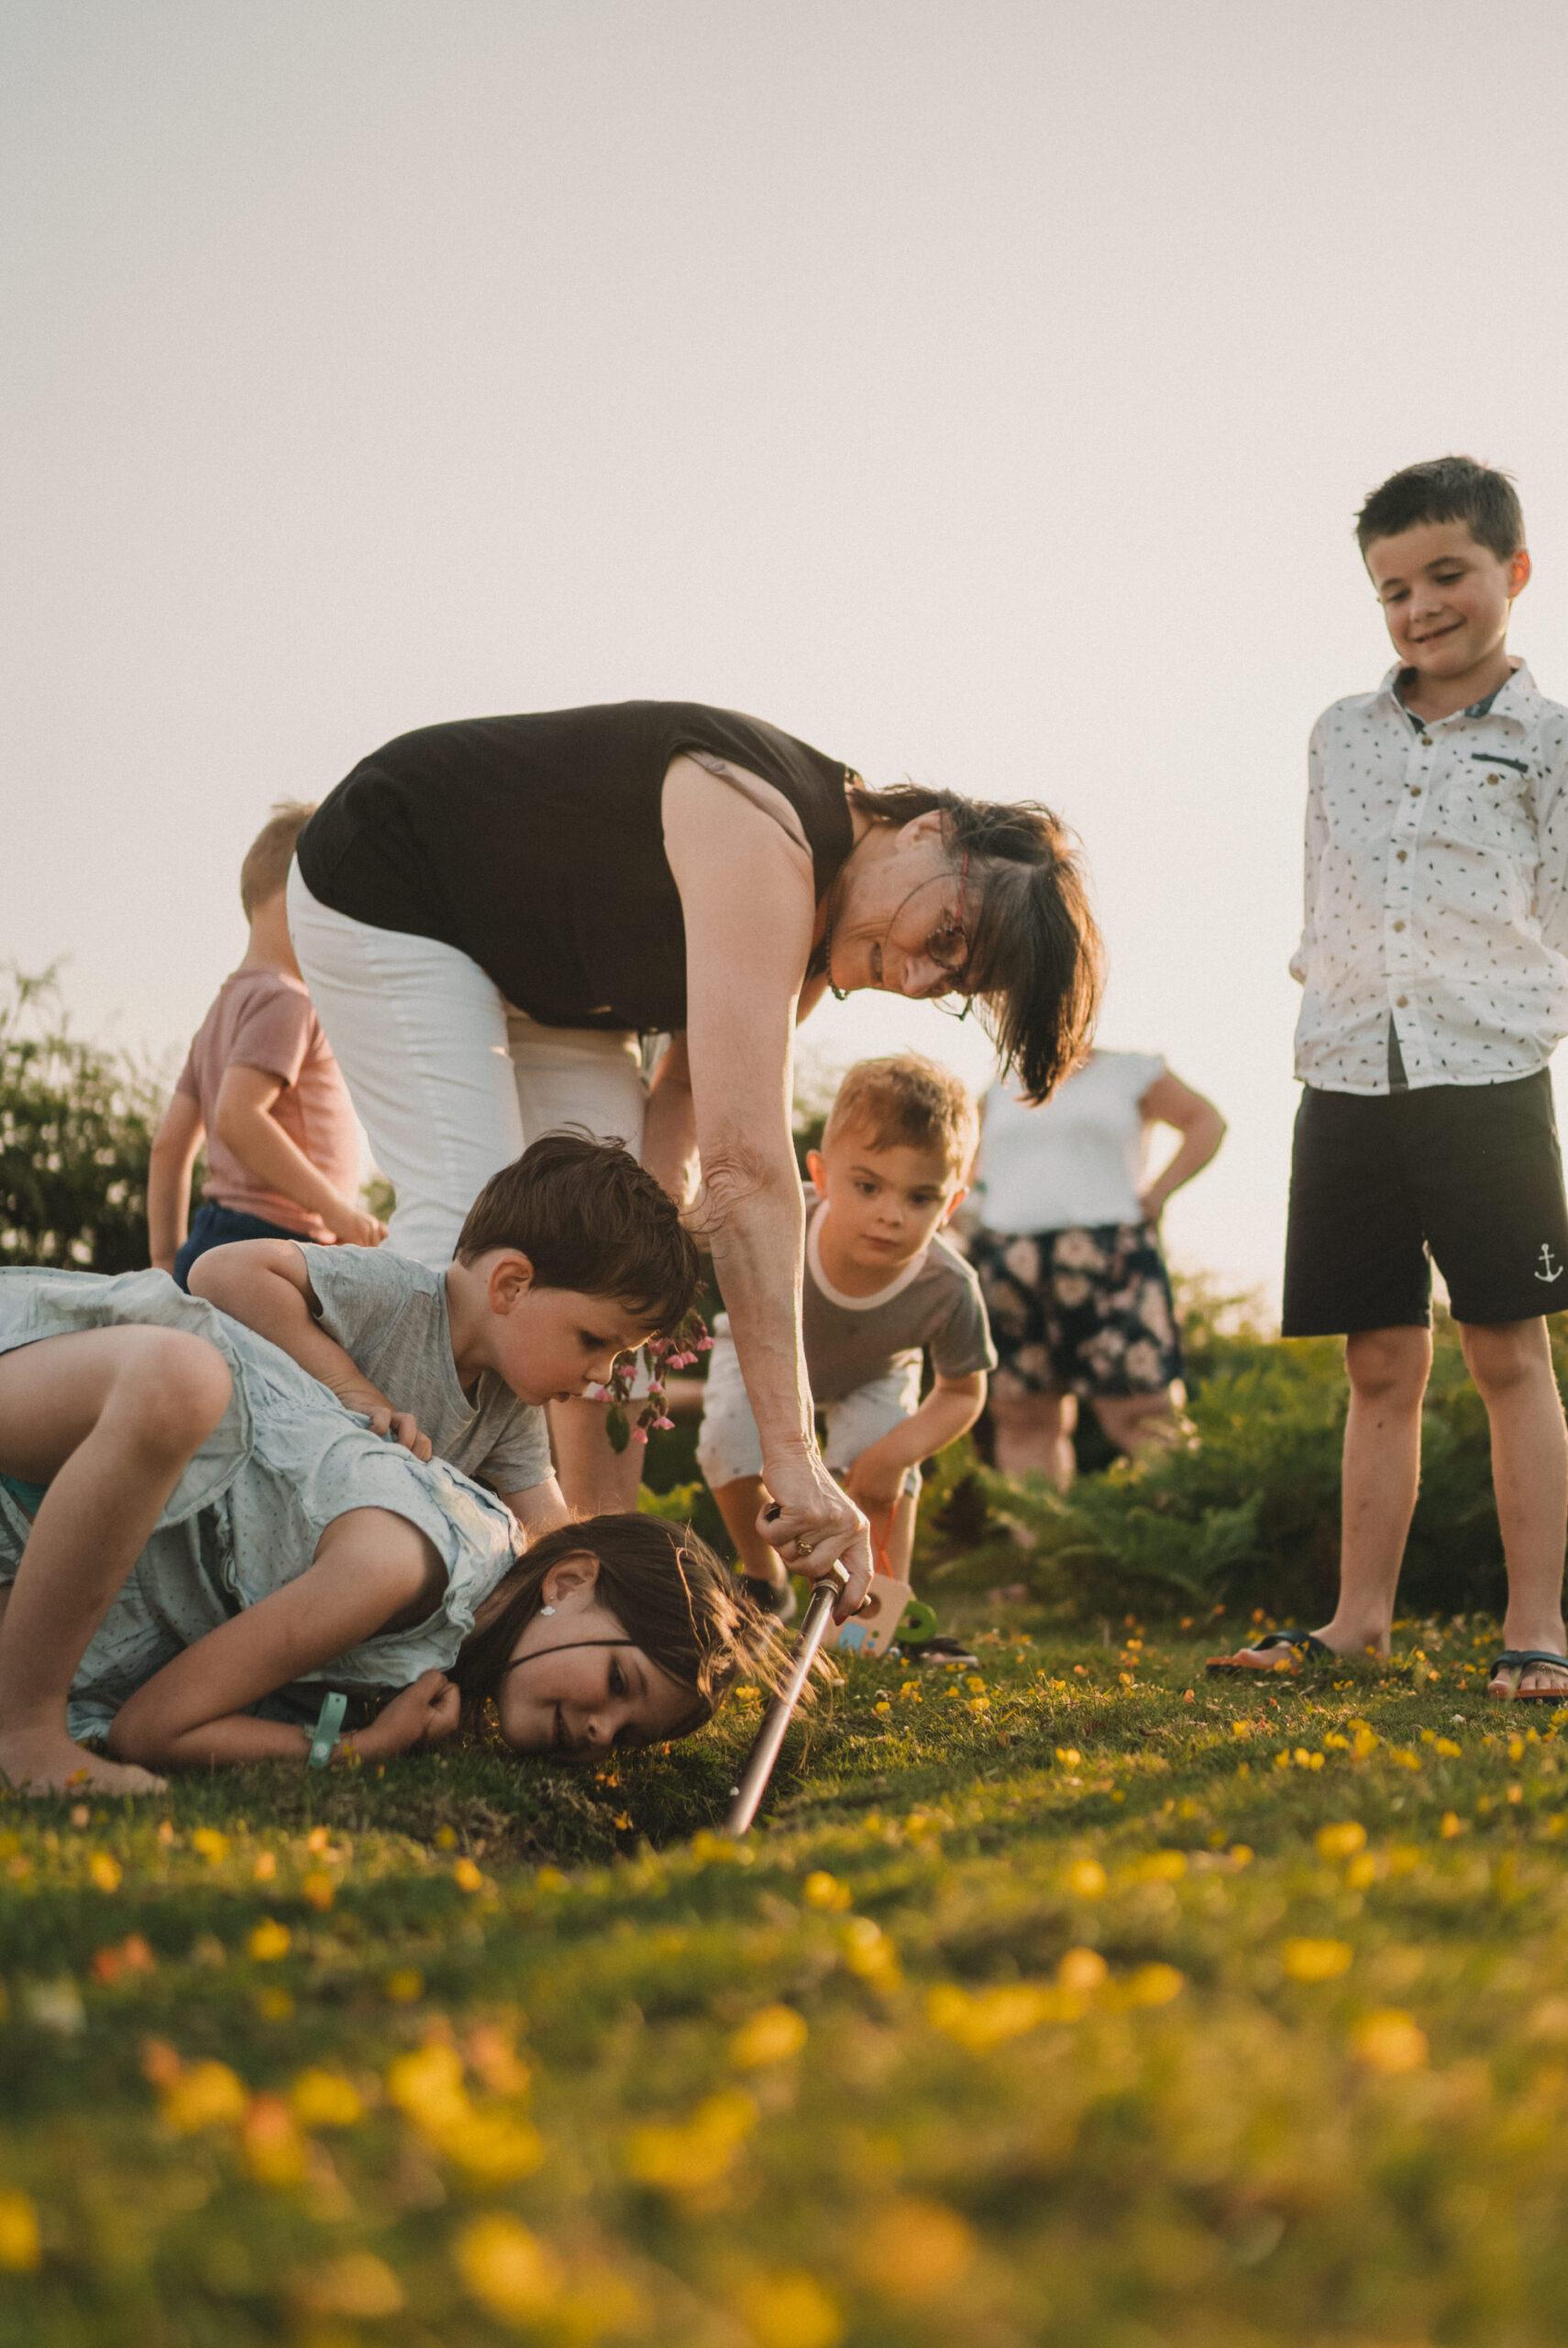 2021.07.20 Photo De Famille A Porspoder En Bretagne Par Antoine Borzeix 251 Scaled, Photographe & Videaste à Brest / Finistère